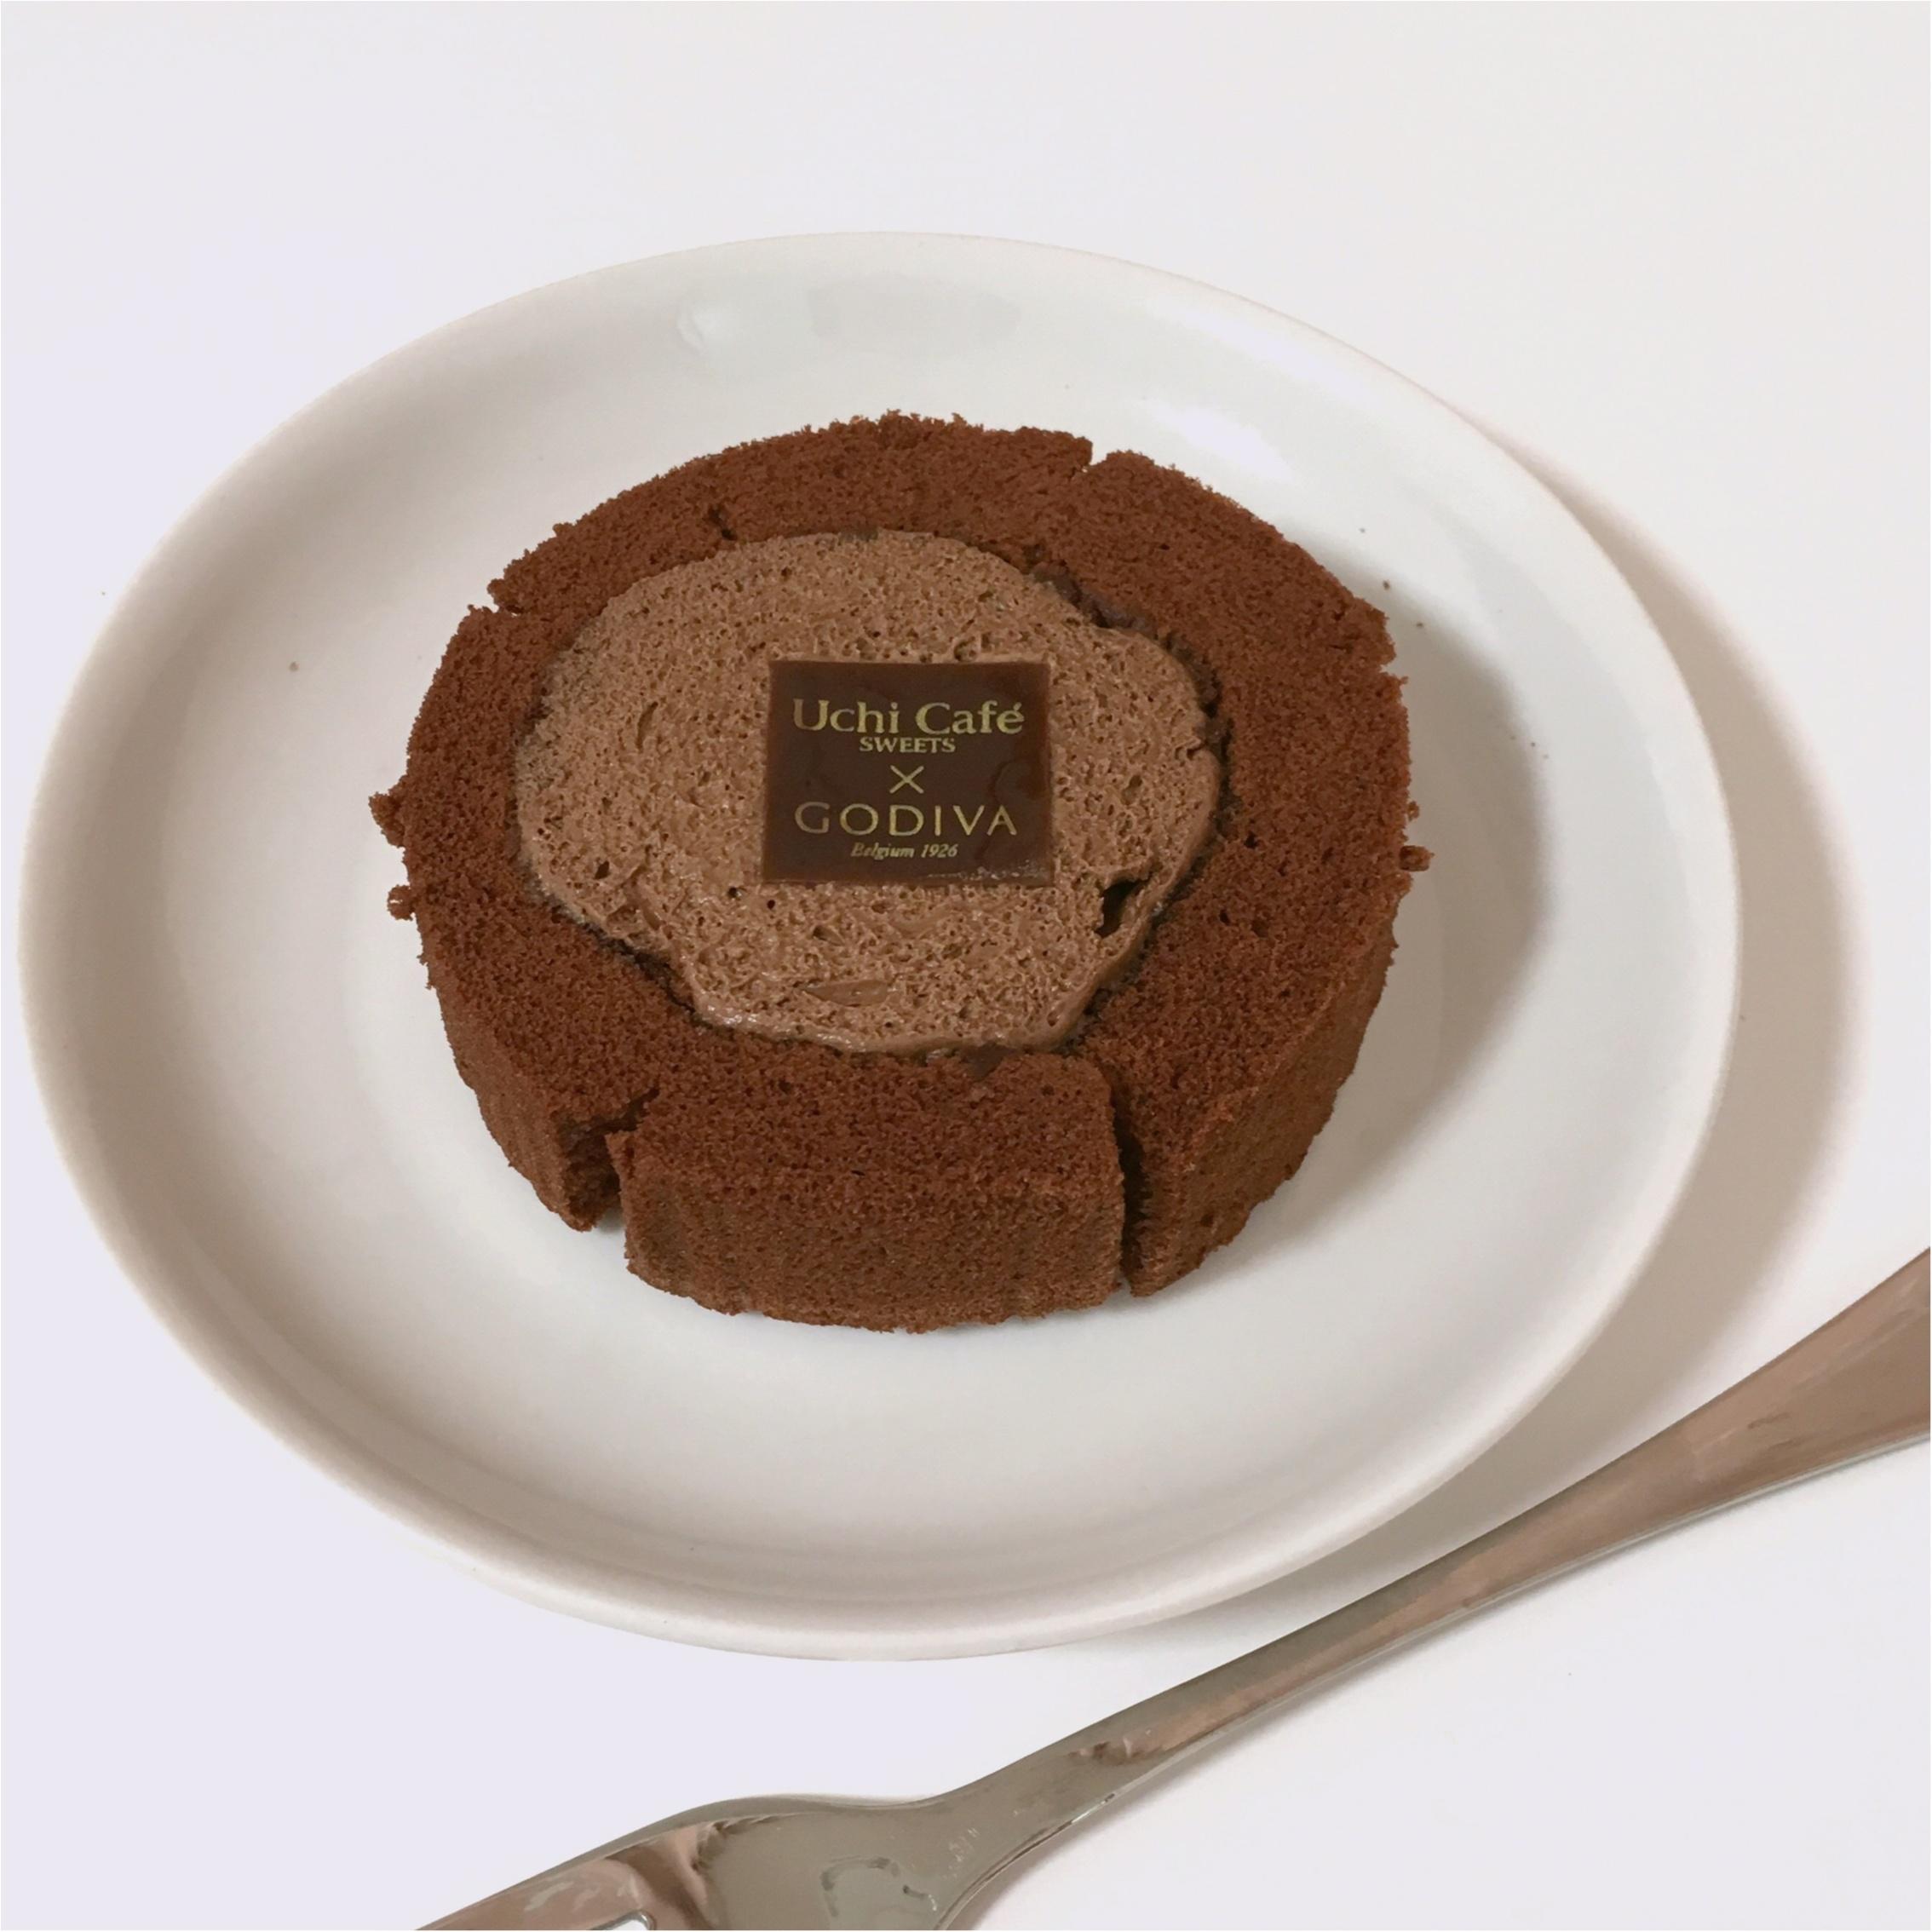 《 大人気 》こんなに美味しいの?ローソン×ゴディバの高級ロールケーキを食べてみました♡_2